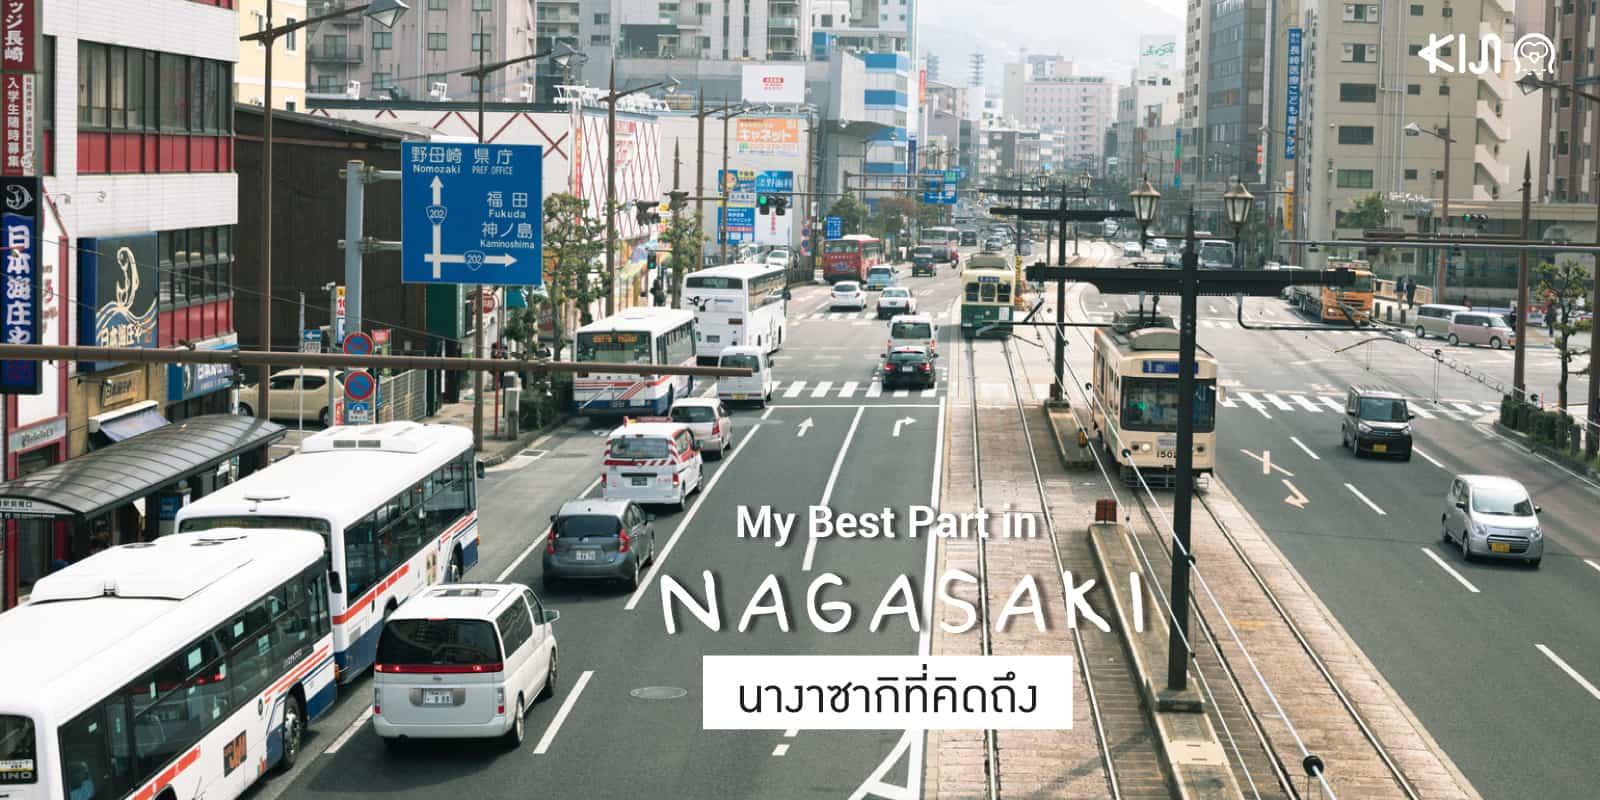 เที่ยว นางาซากิ (nagasaki)